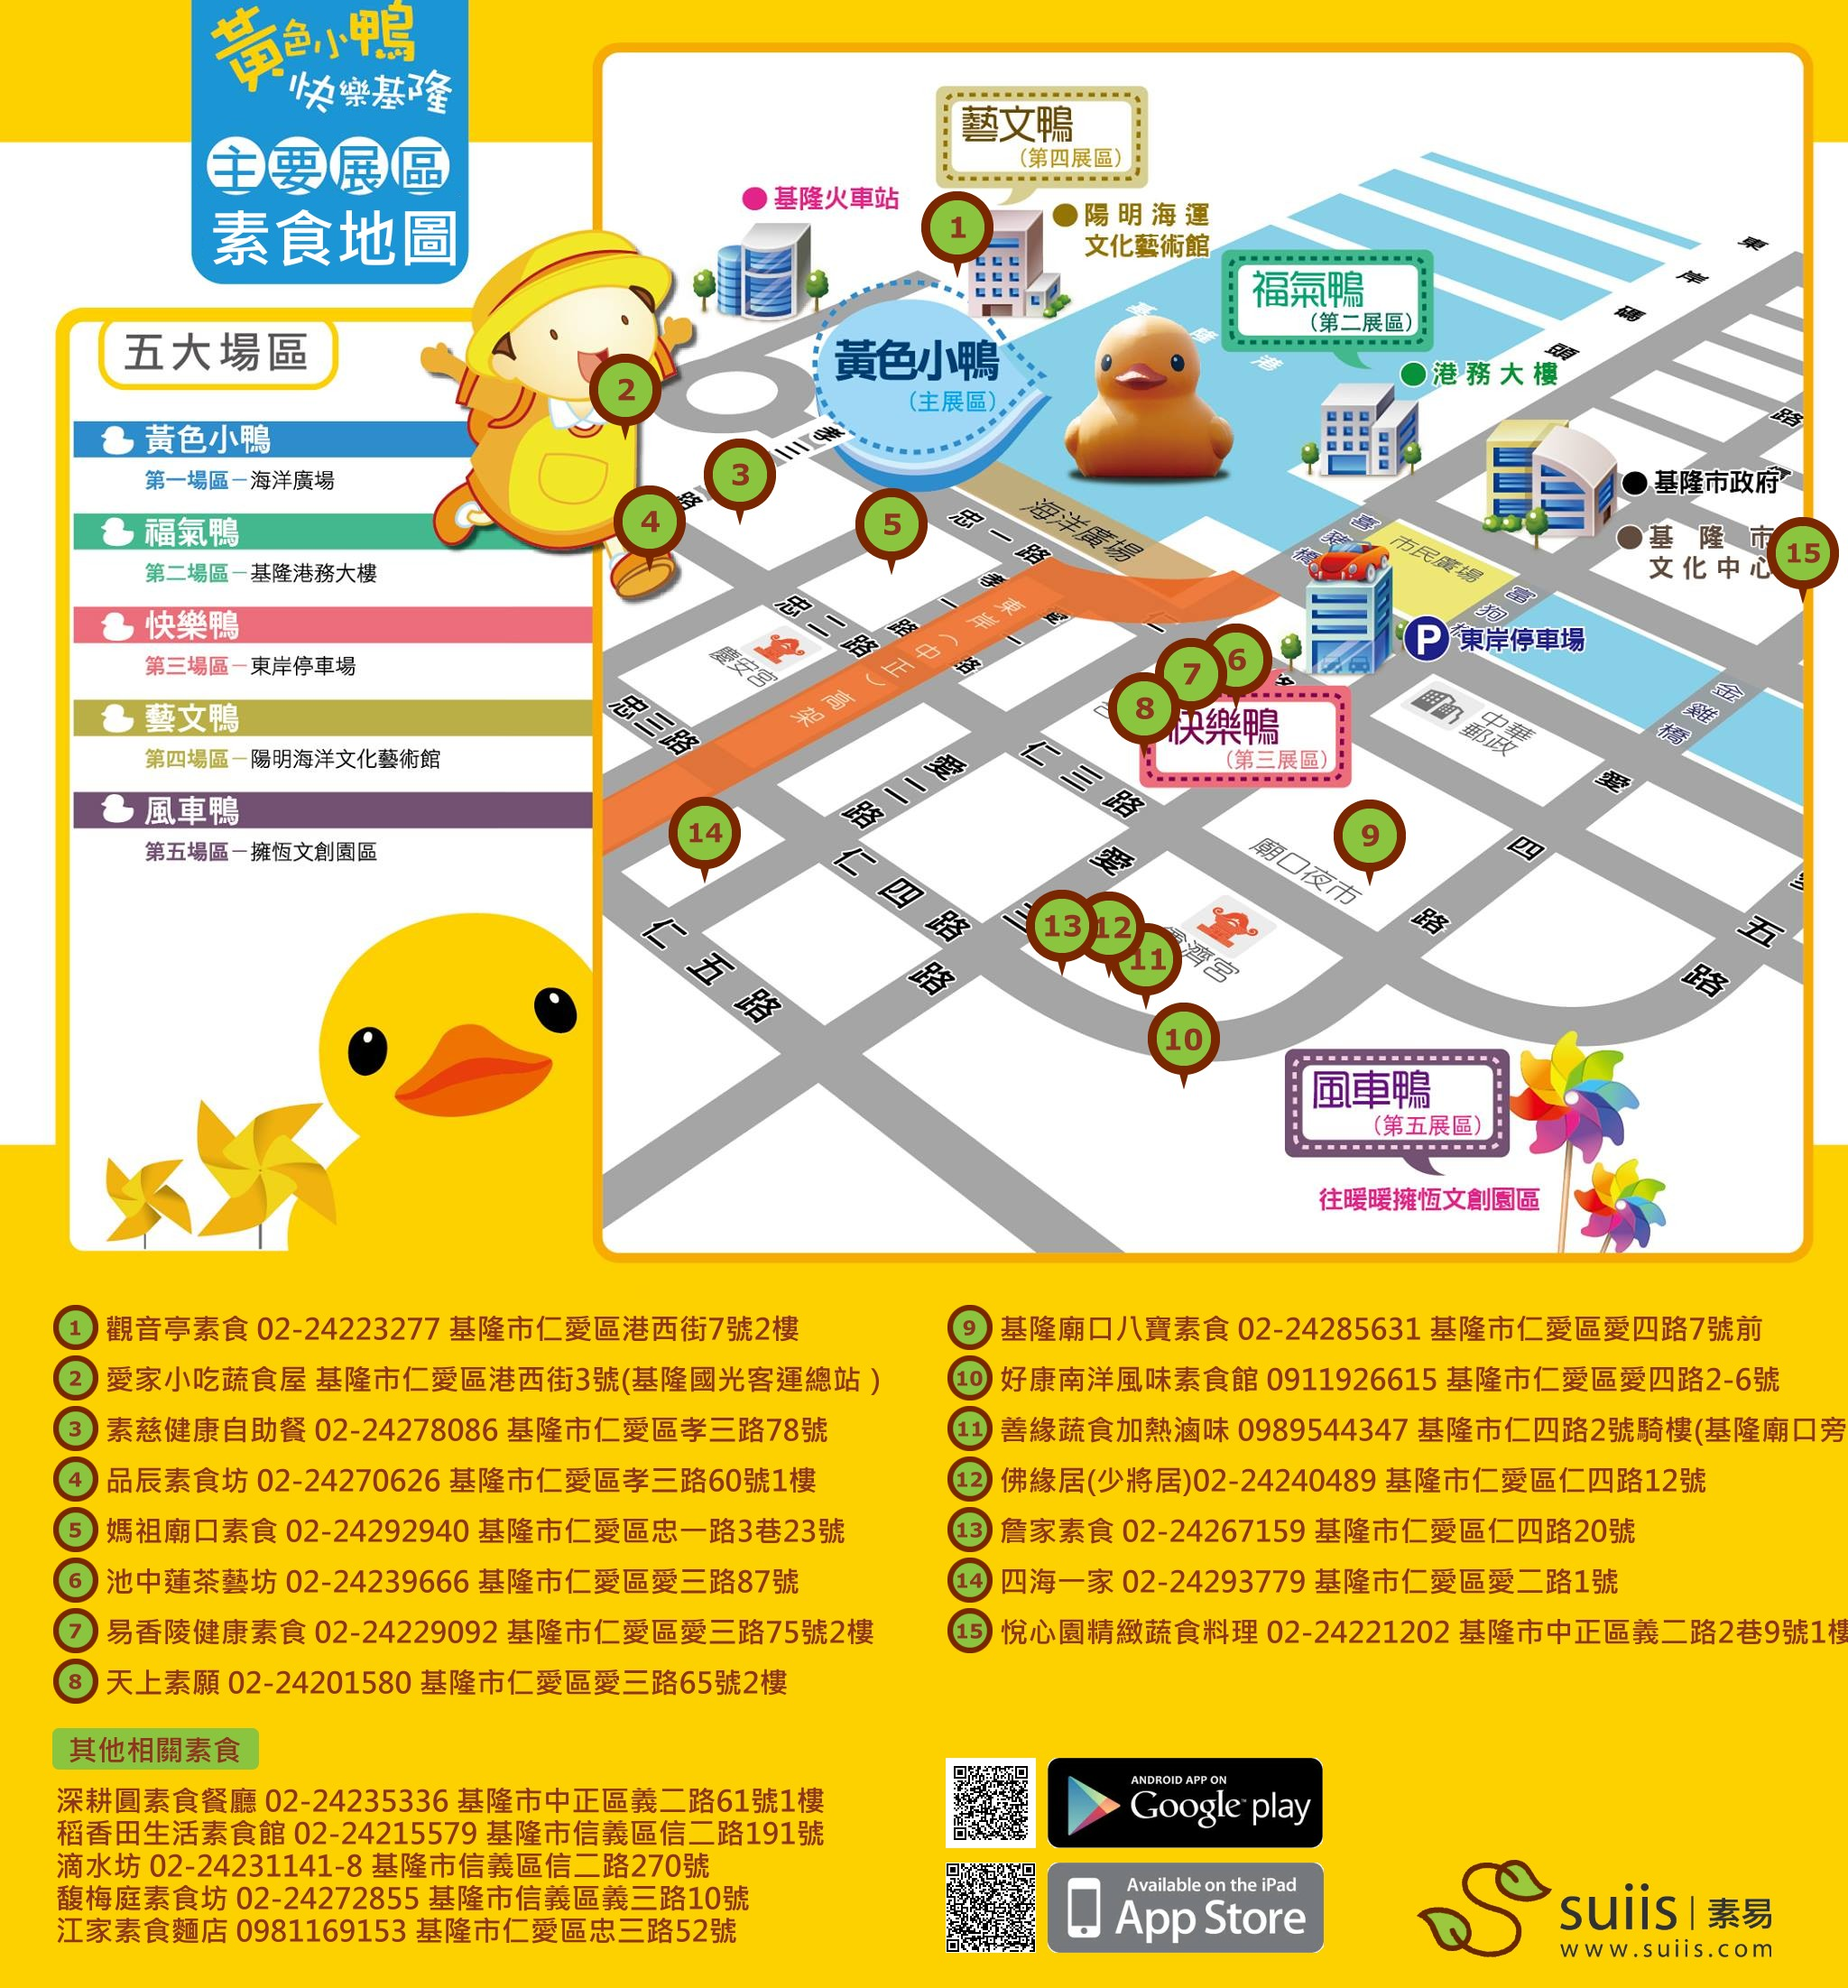 基隆黃色小鴨素食地圖:suiis素易